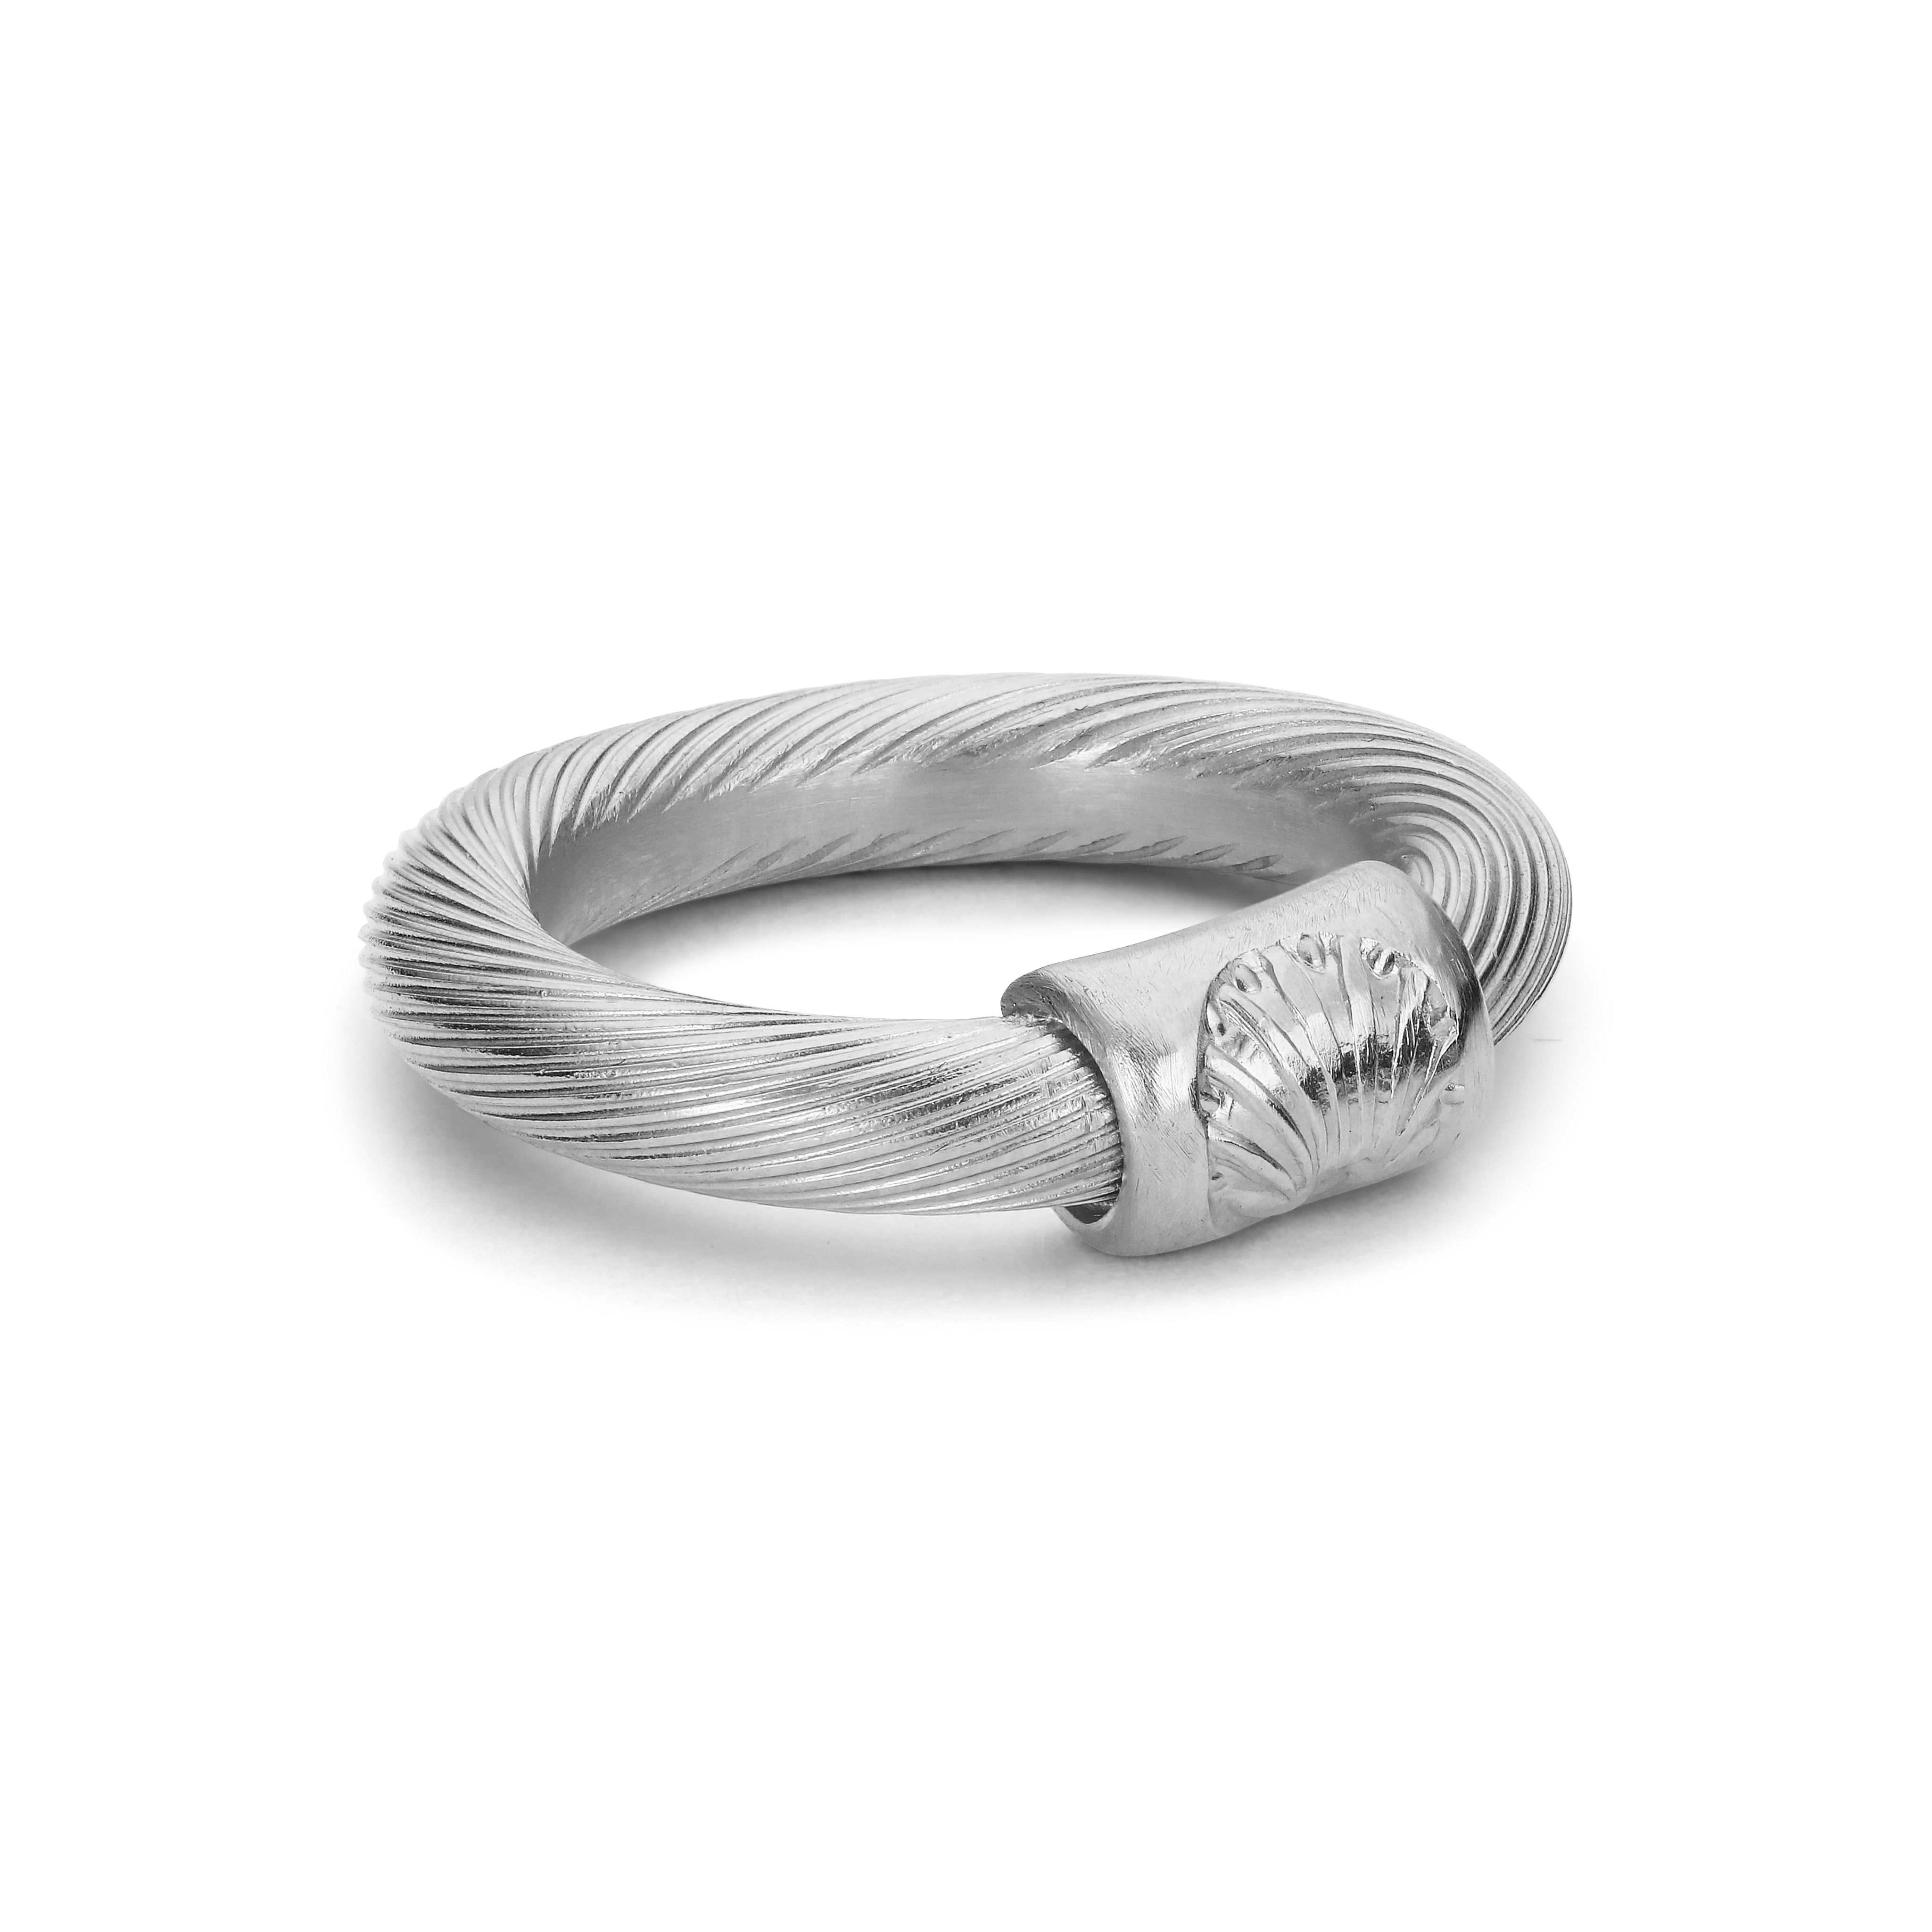 Jane Kønig Salon ring Big, sølv, 50